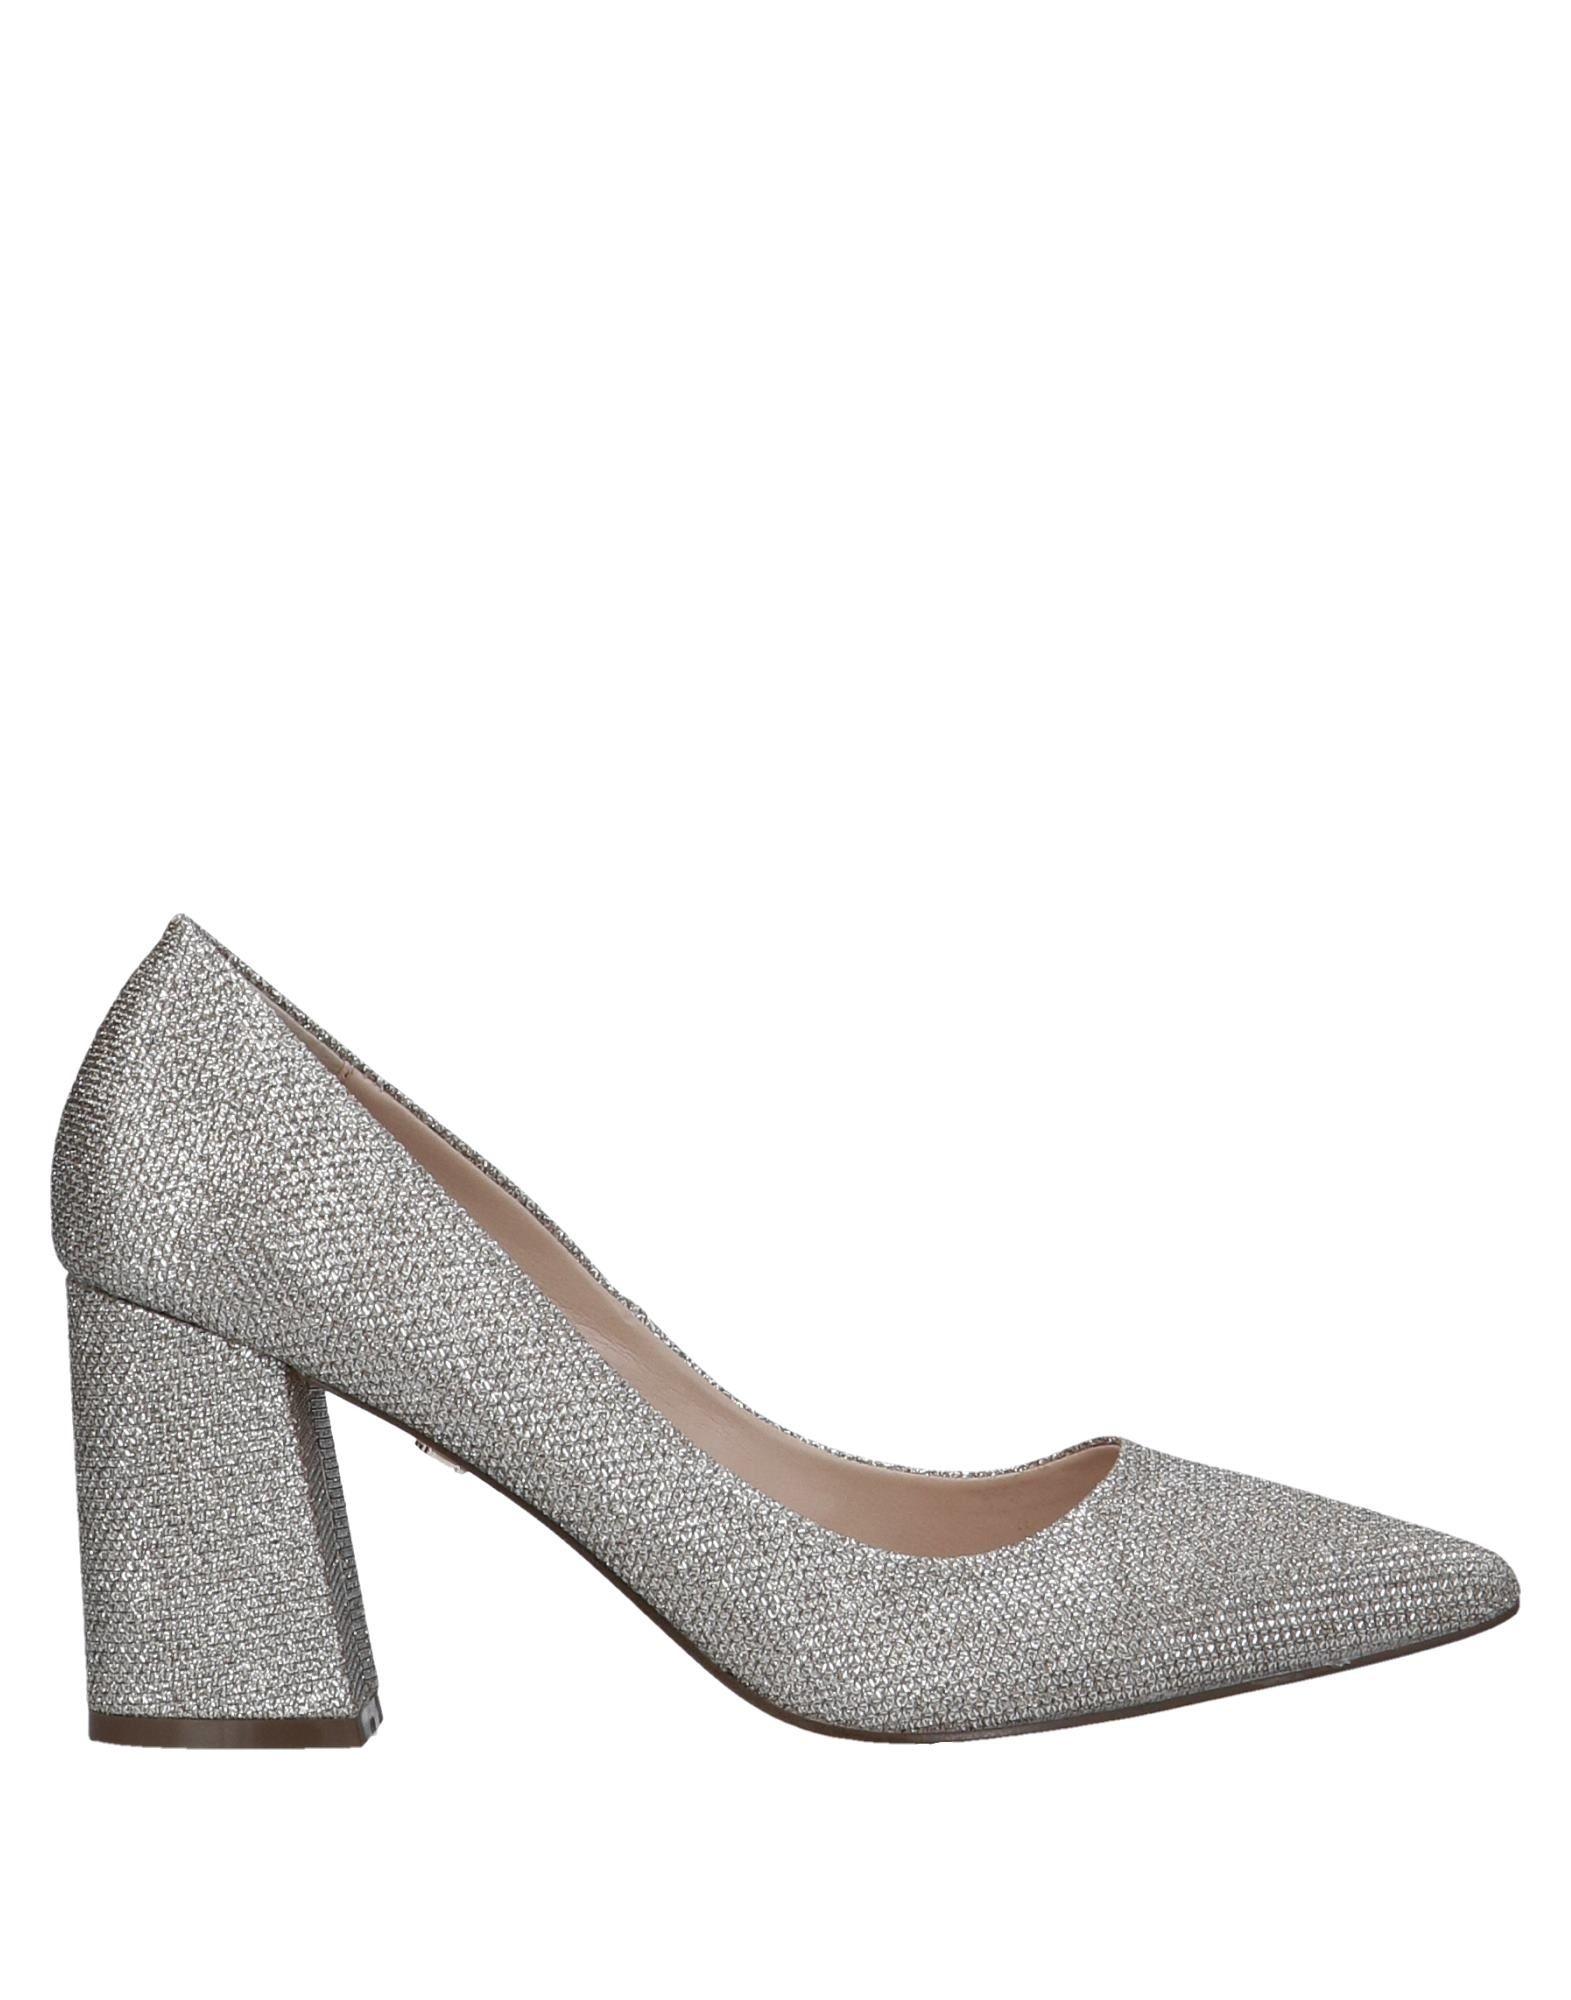 Nina New York Pumps Damen  11536925BP Gute Qualität beliebte Schuhe